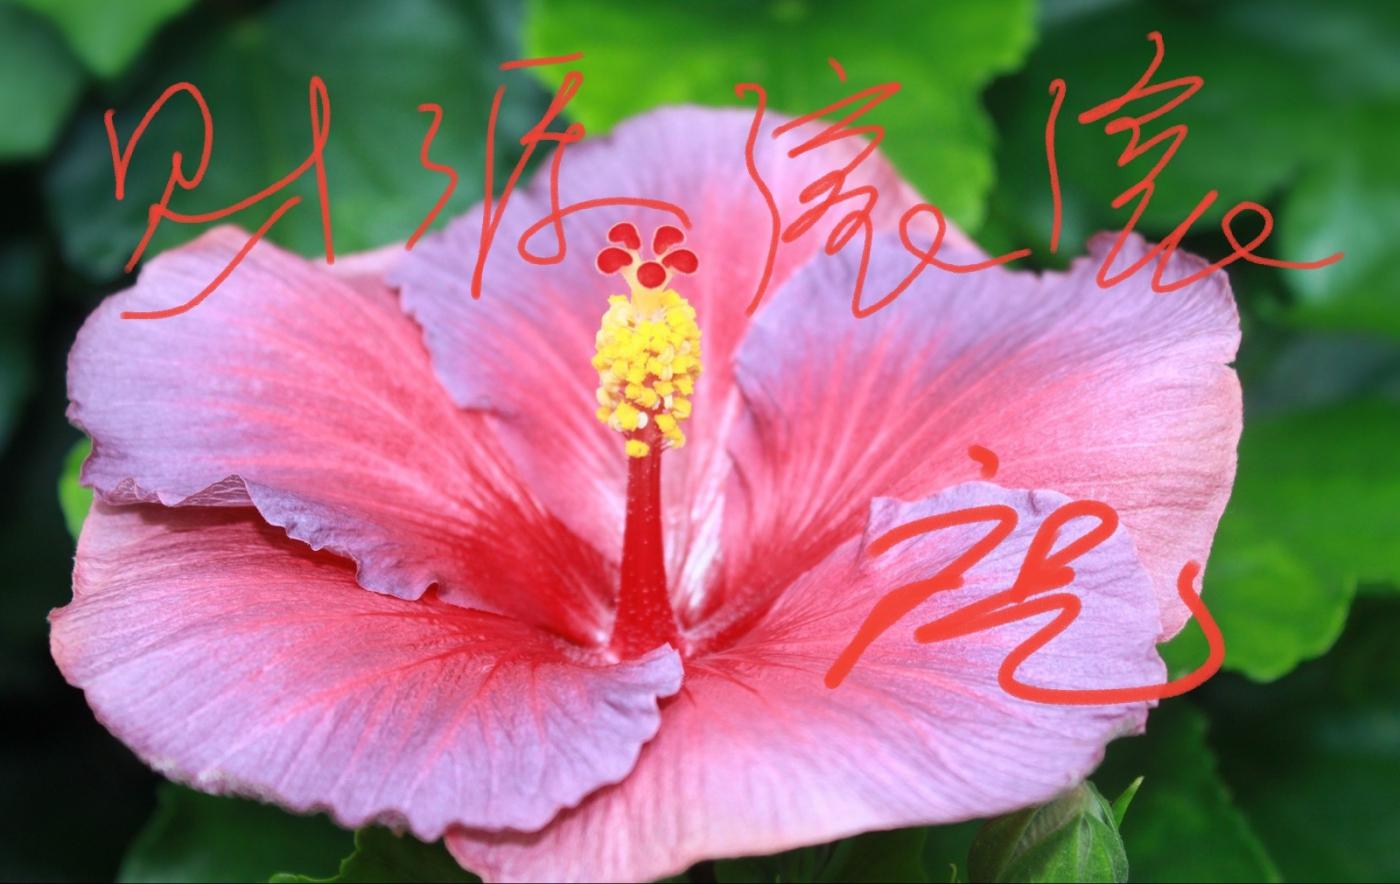 〔田螺攝影〕把祝福寫進花開里 新年好!_圖1-8